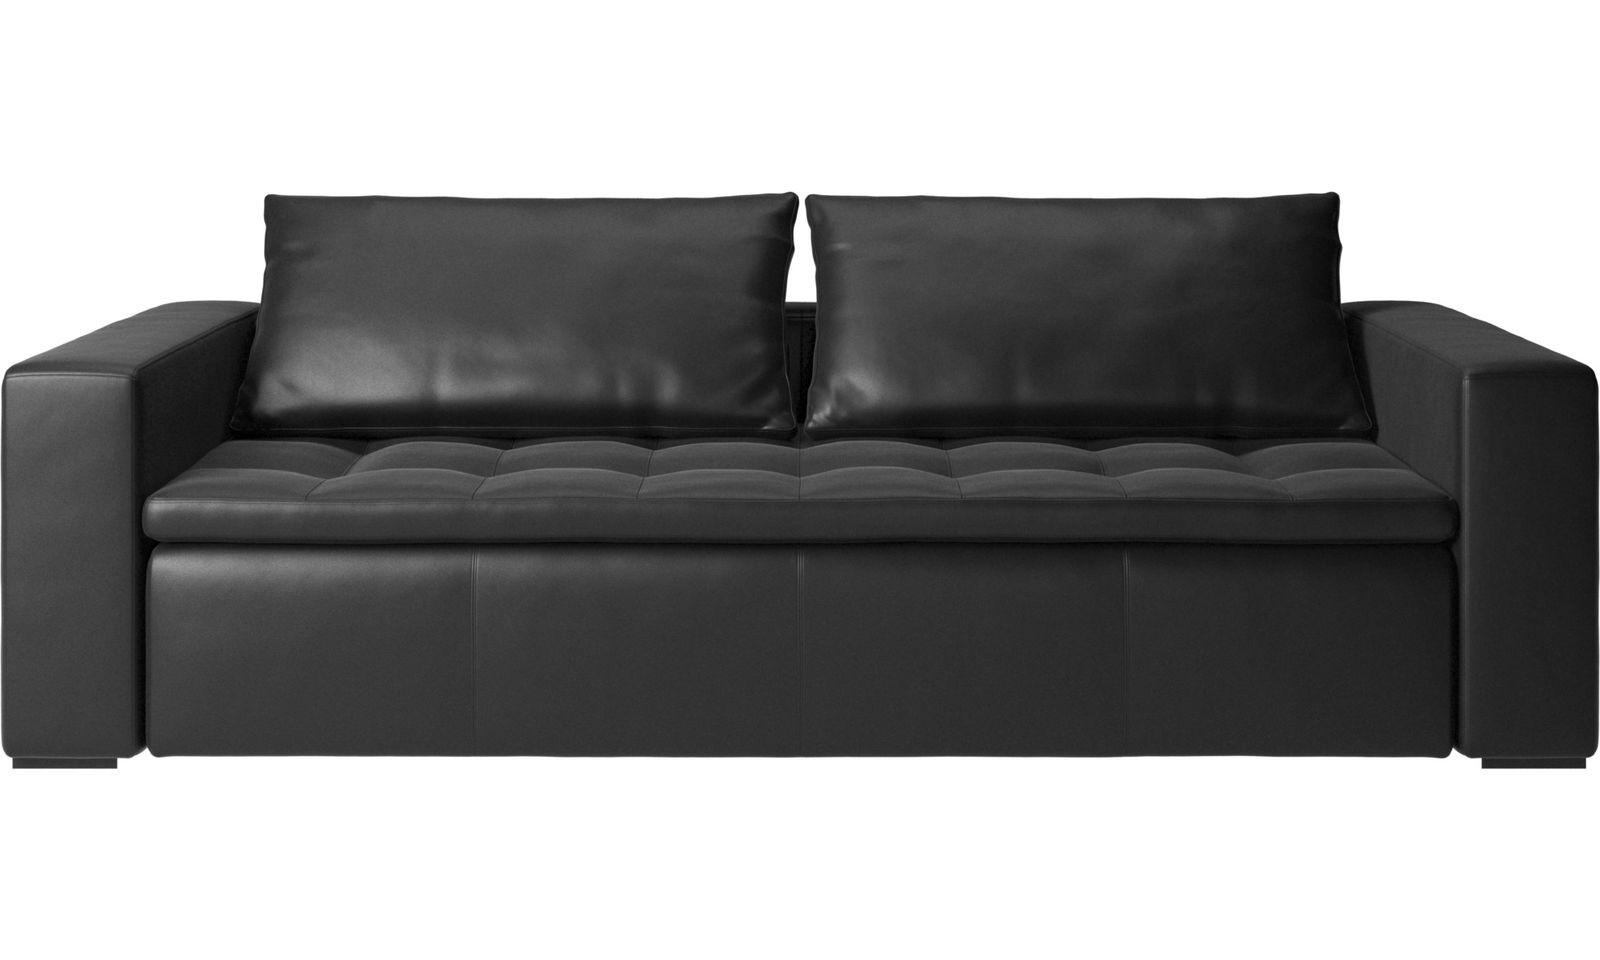 BoConcept Mezzo Black Leather Sofa